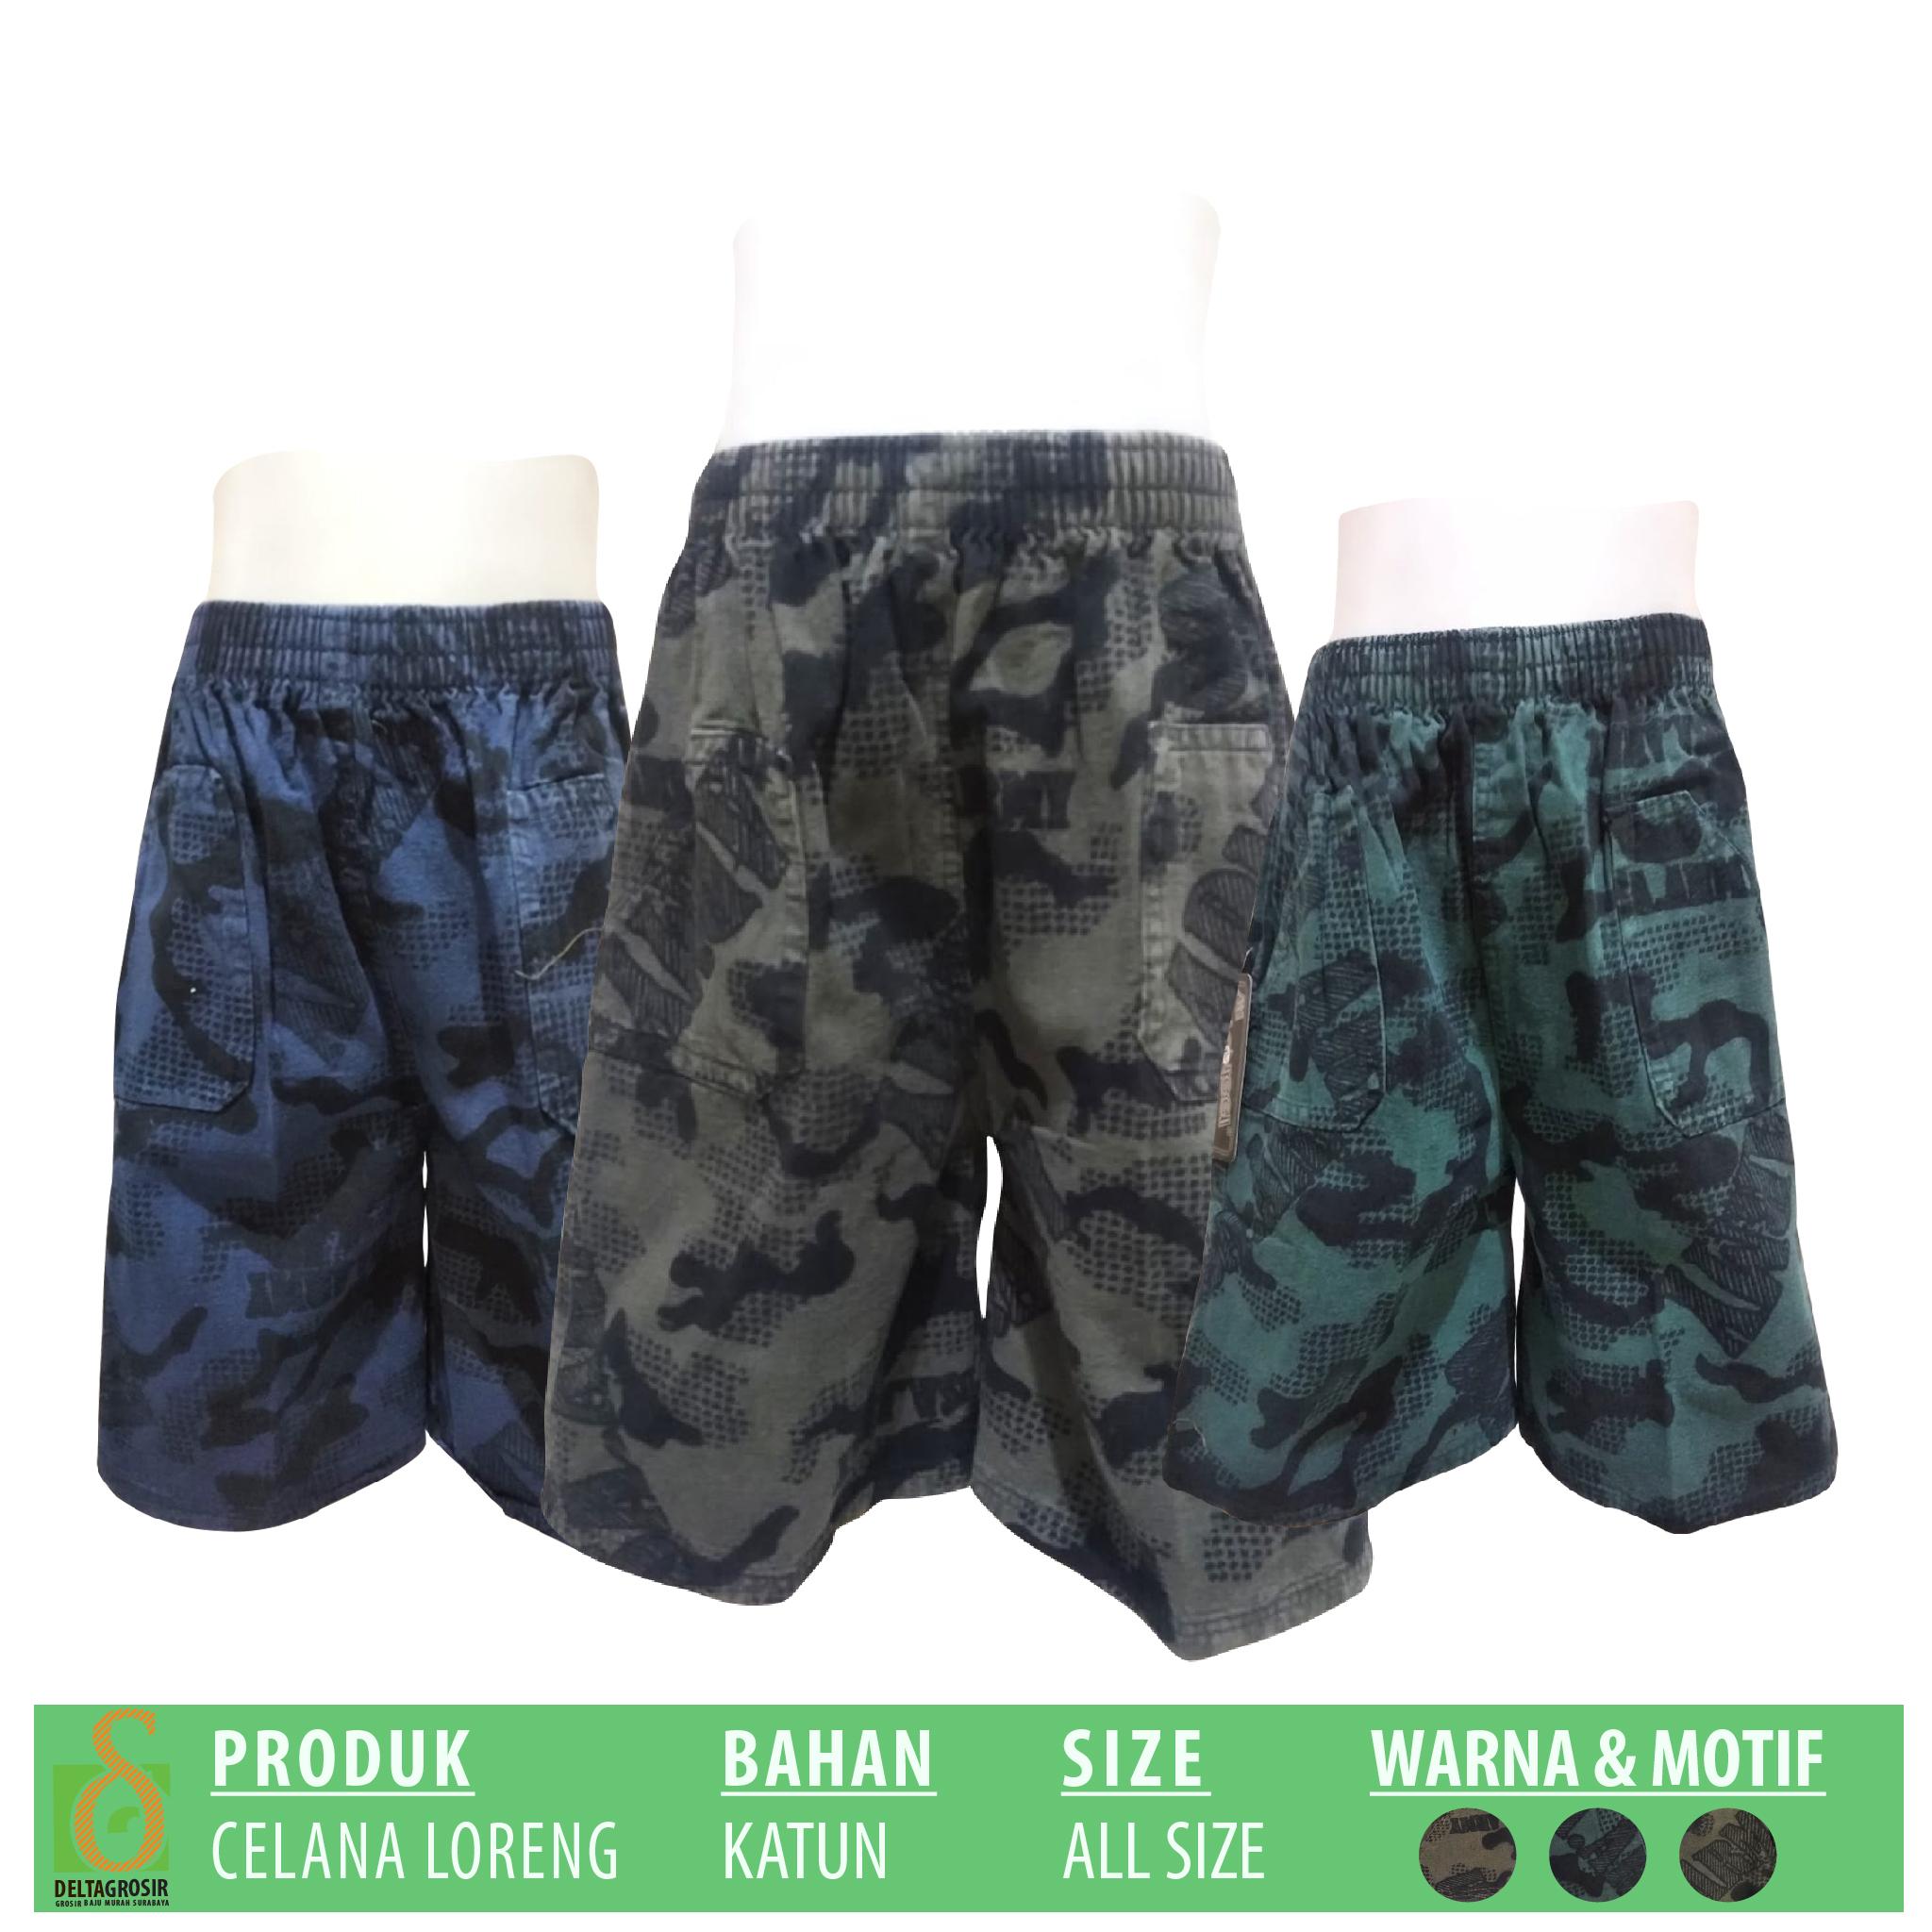 Distributor Celana Loreng Anak Murah 15ribuan